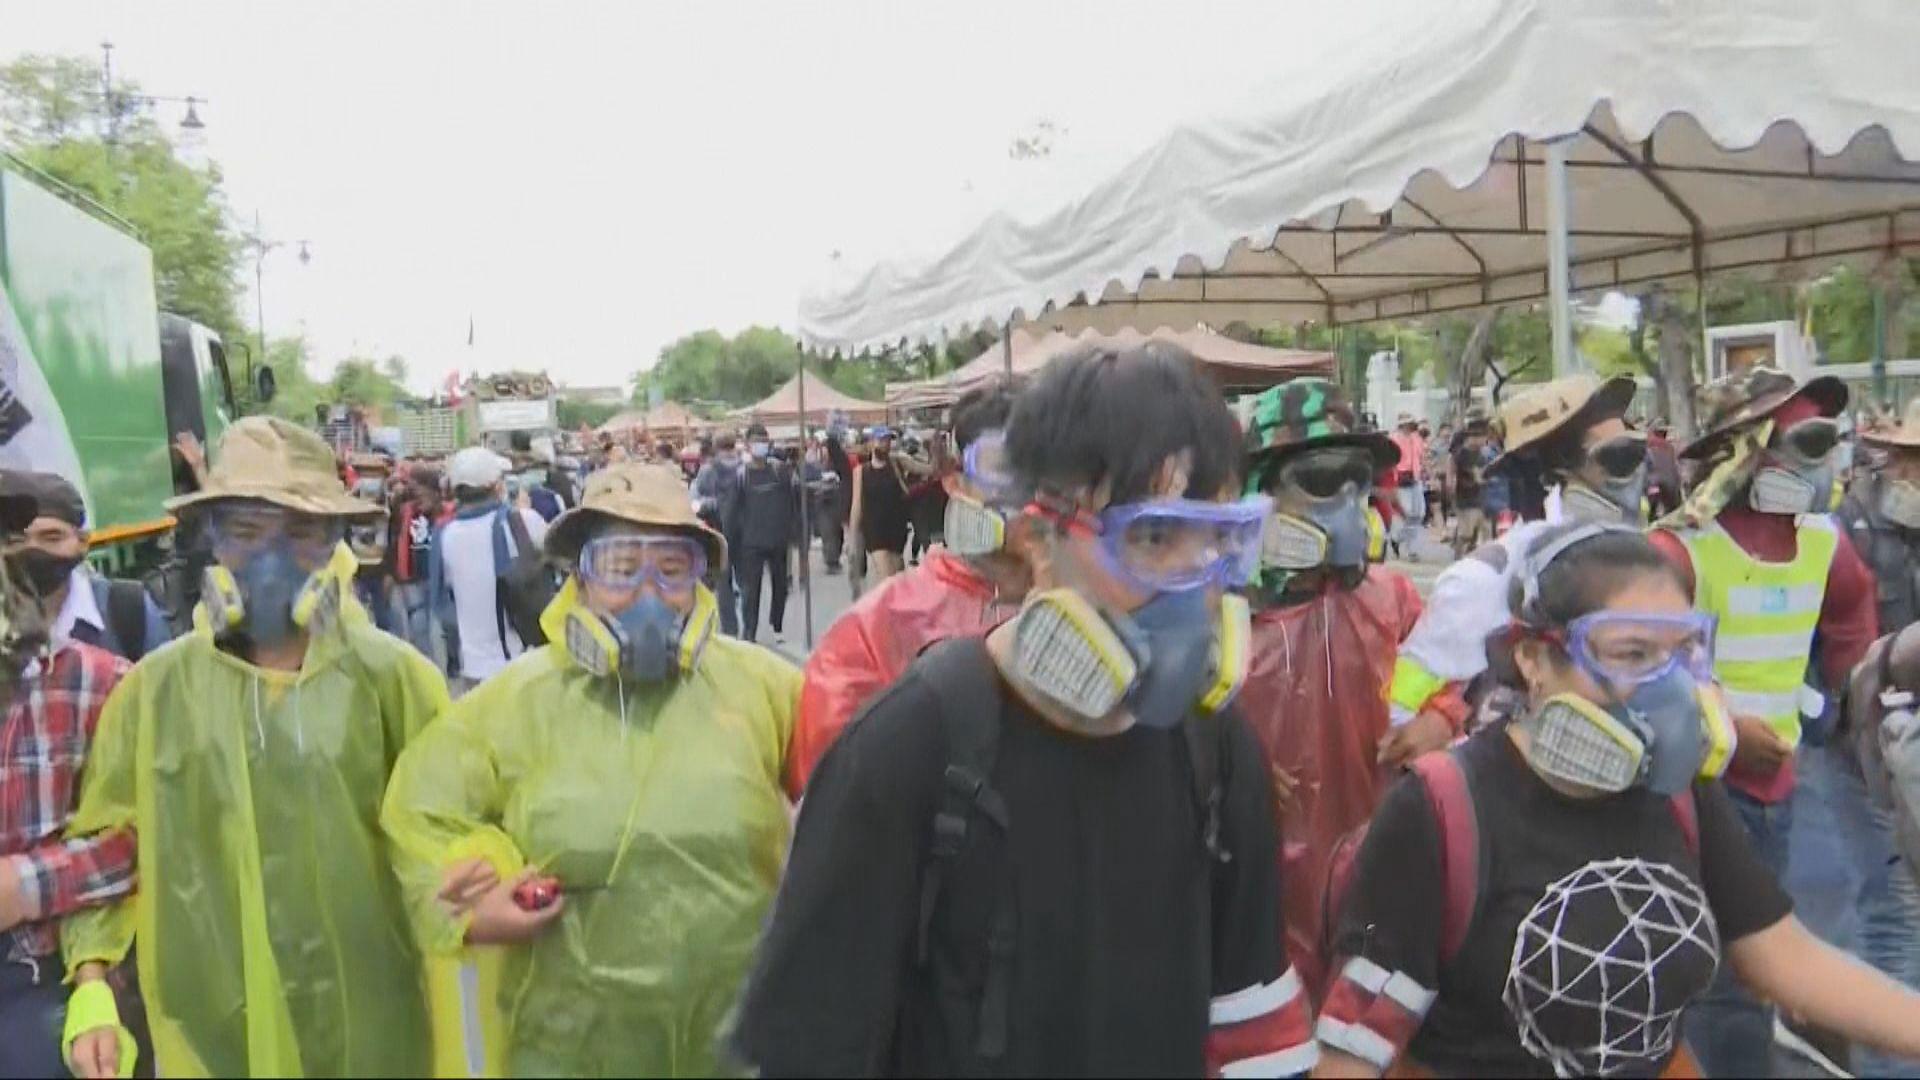 泰國曼谷再有大型反政府示威 部分人戴防毒面罩或頭盔